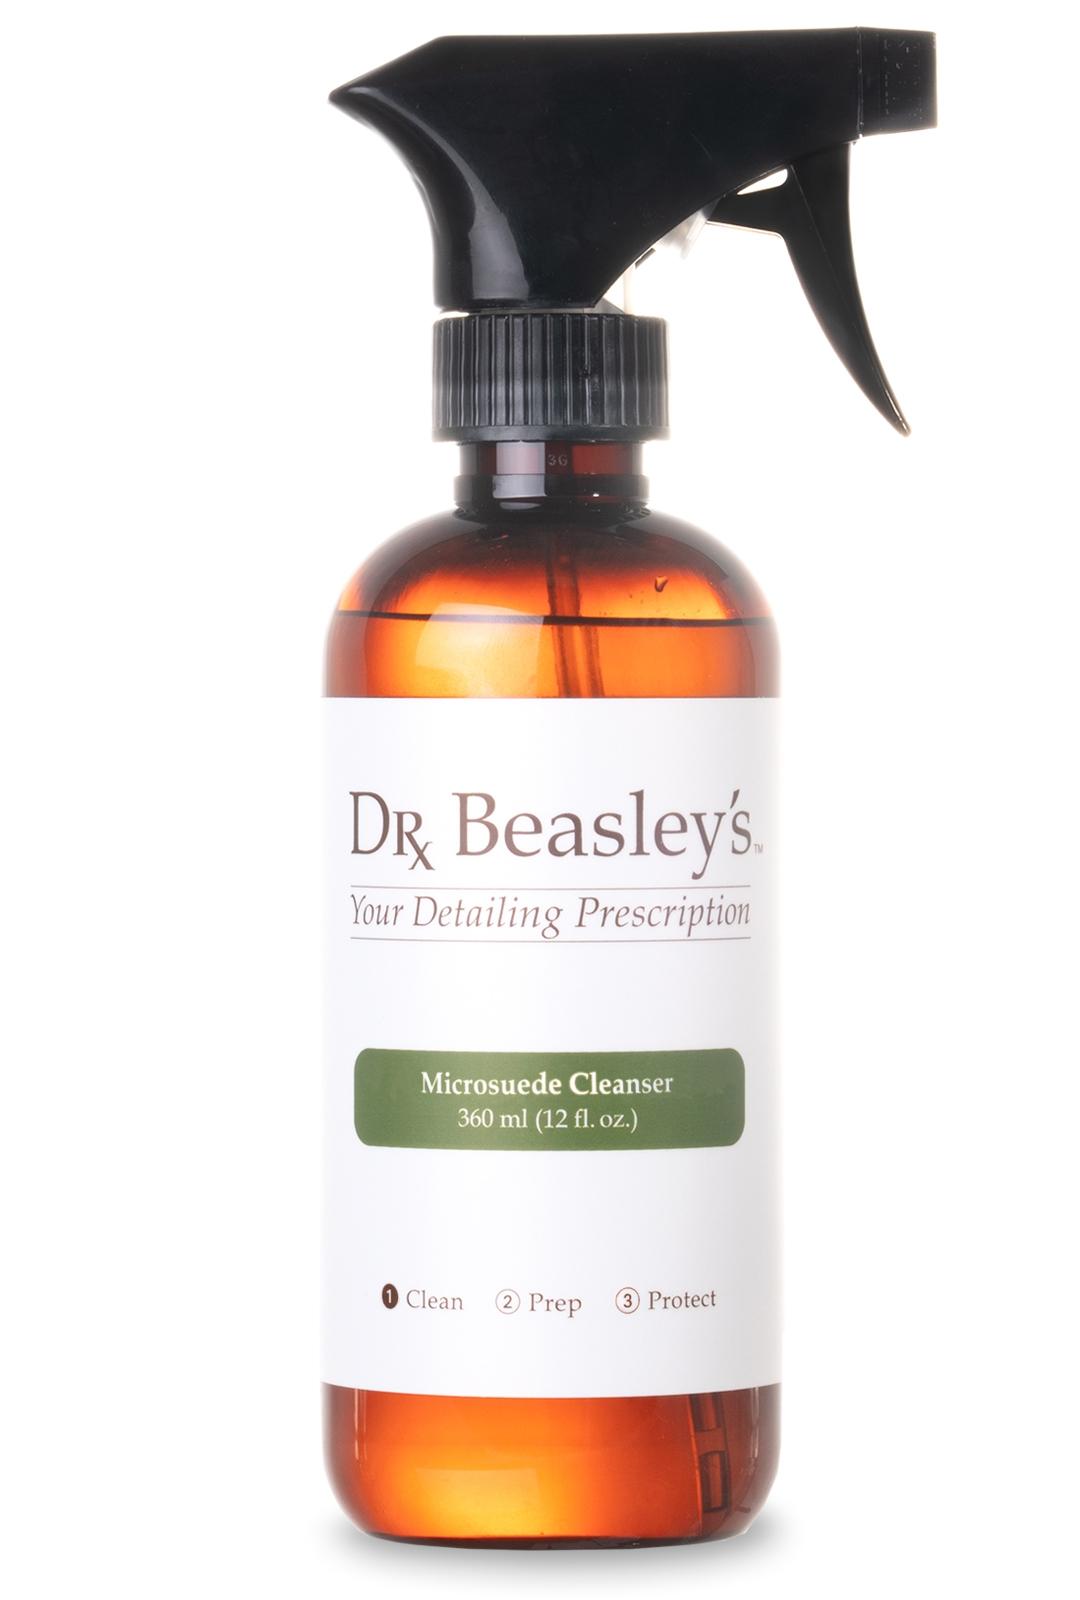 www.drbeasleys.com